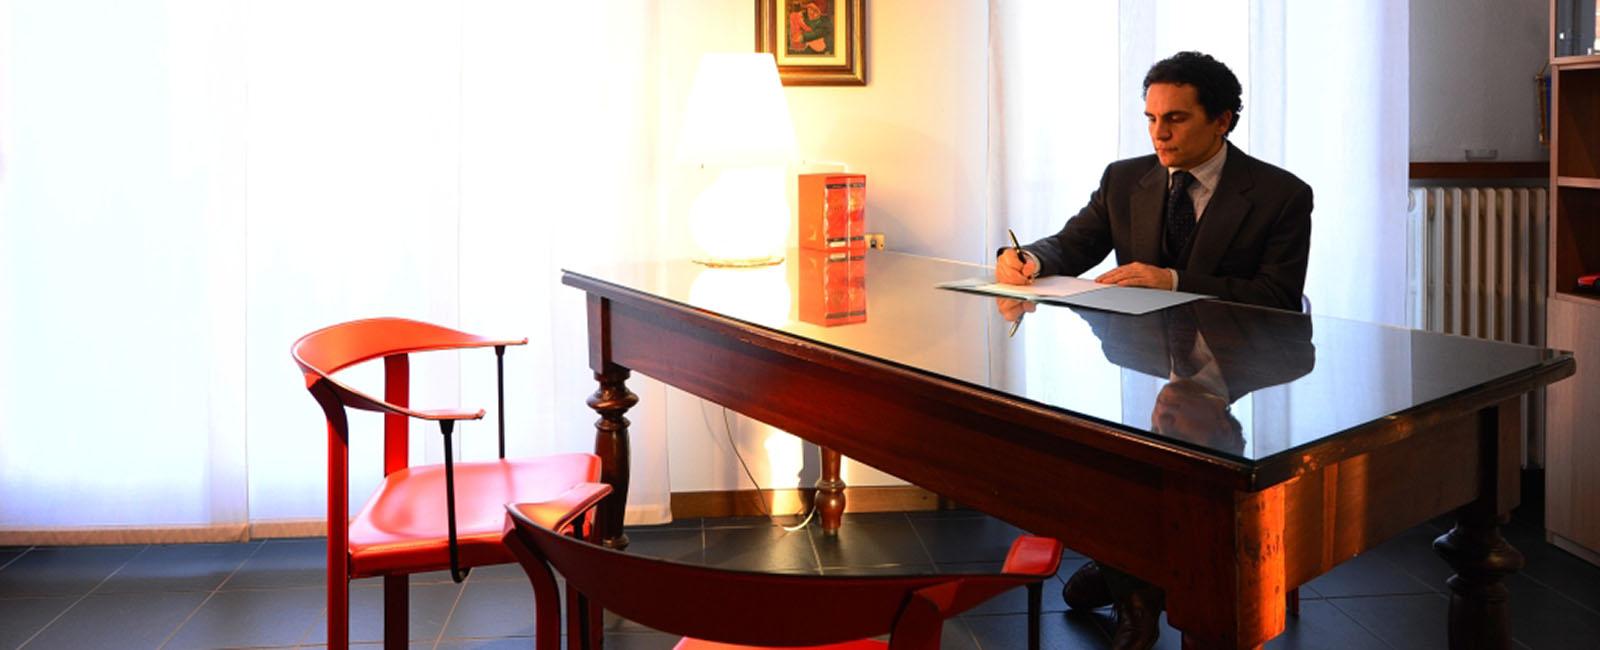 Avvocato Matrimonialista Briosco - Contattaci per una consulenza